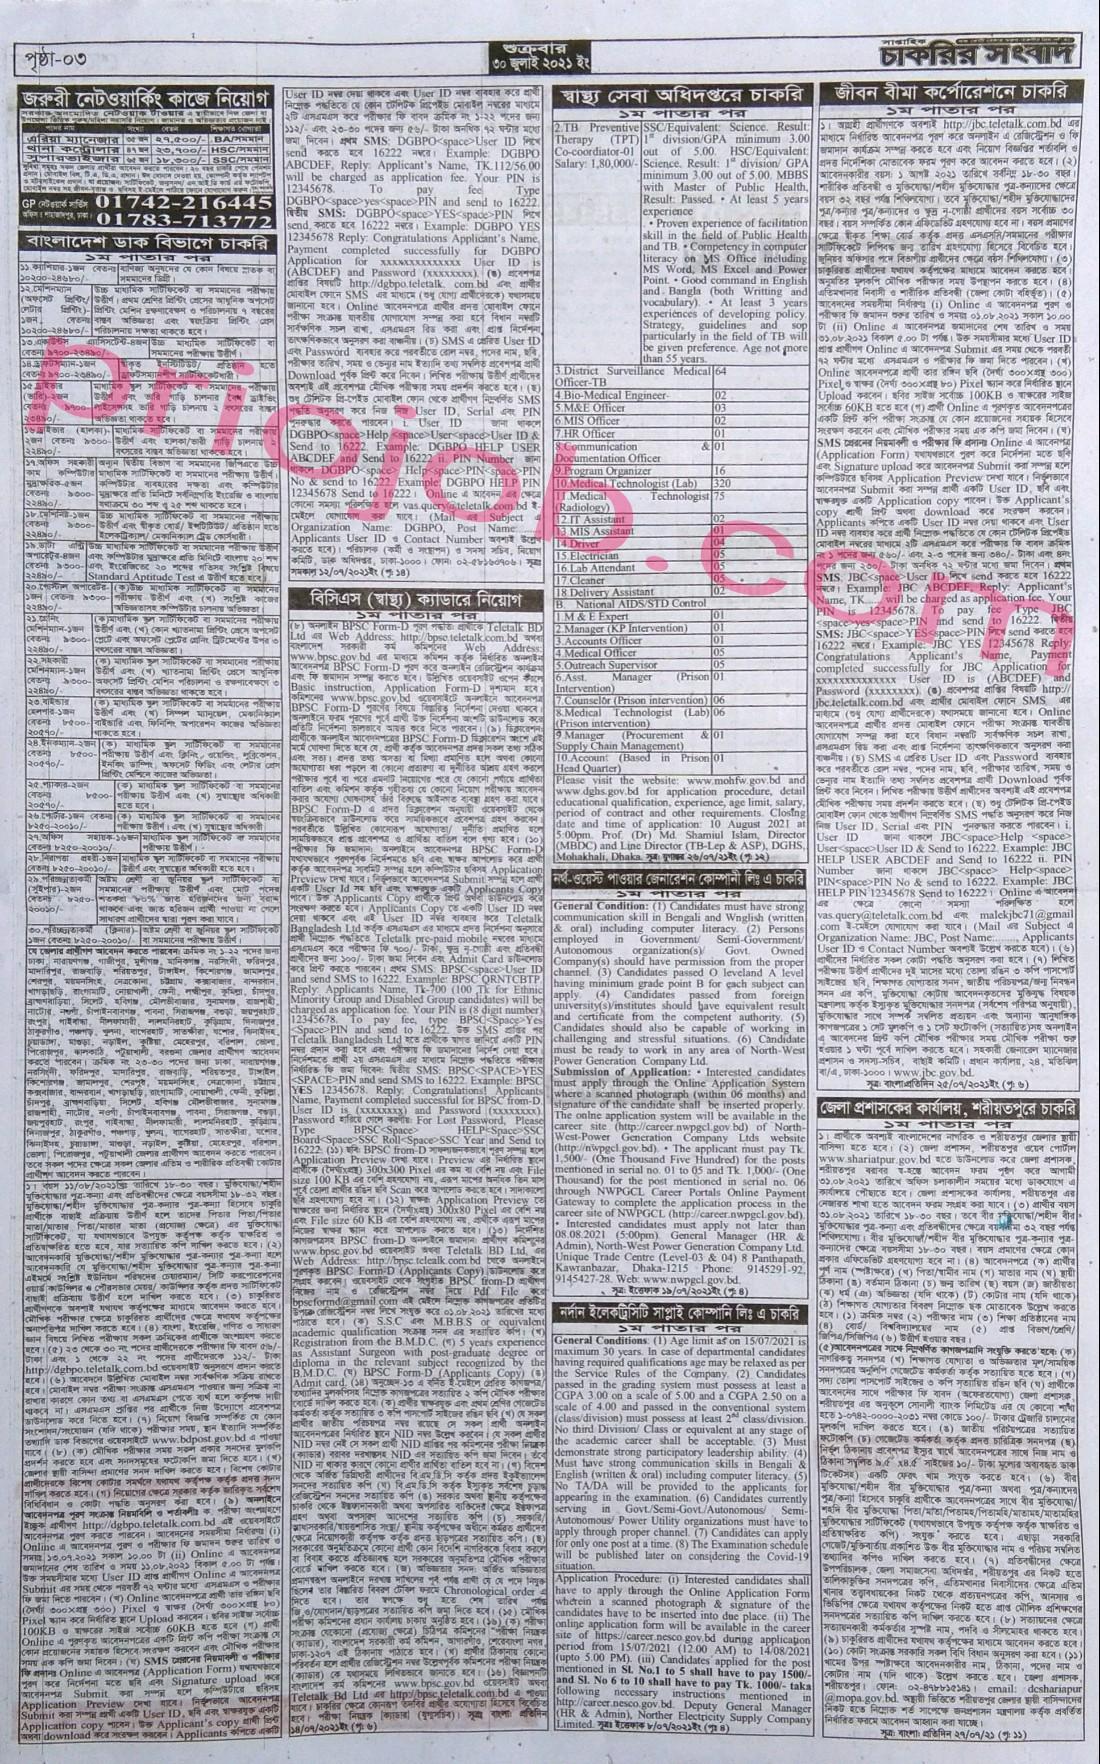 সাপ্তাহিক চাকরির সংবাদ পত্রিকা ৩০ জুলাই ২০২১ - saptahik chakrir songbad potrika 30 july 2021 - weekly chakrir songbad newspaper 30 july 2021